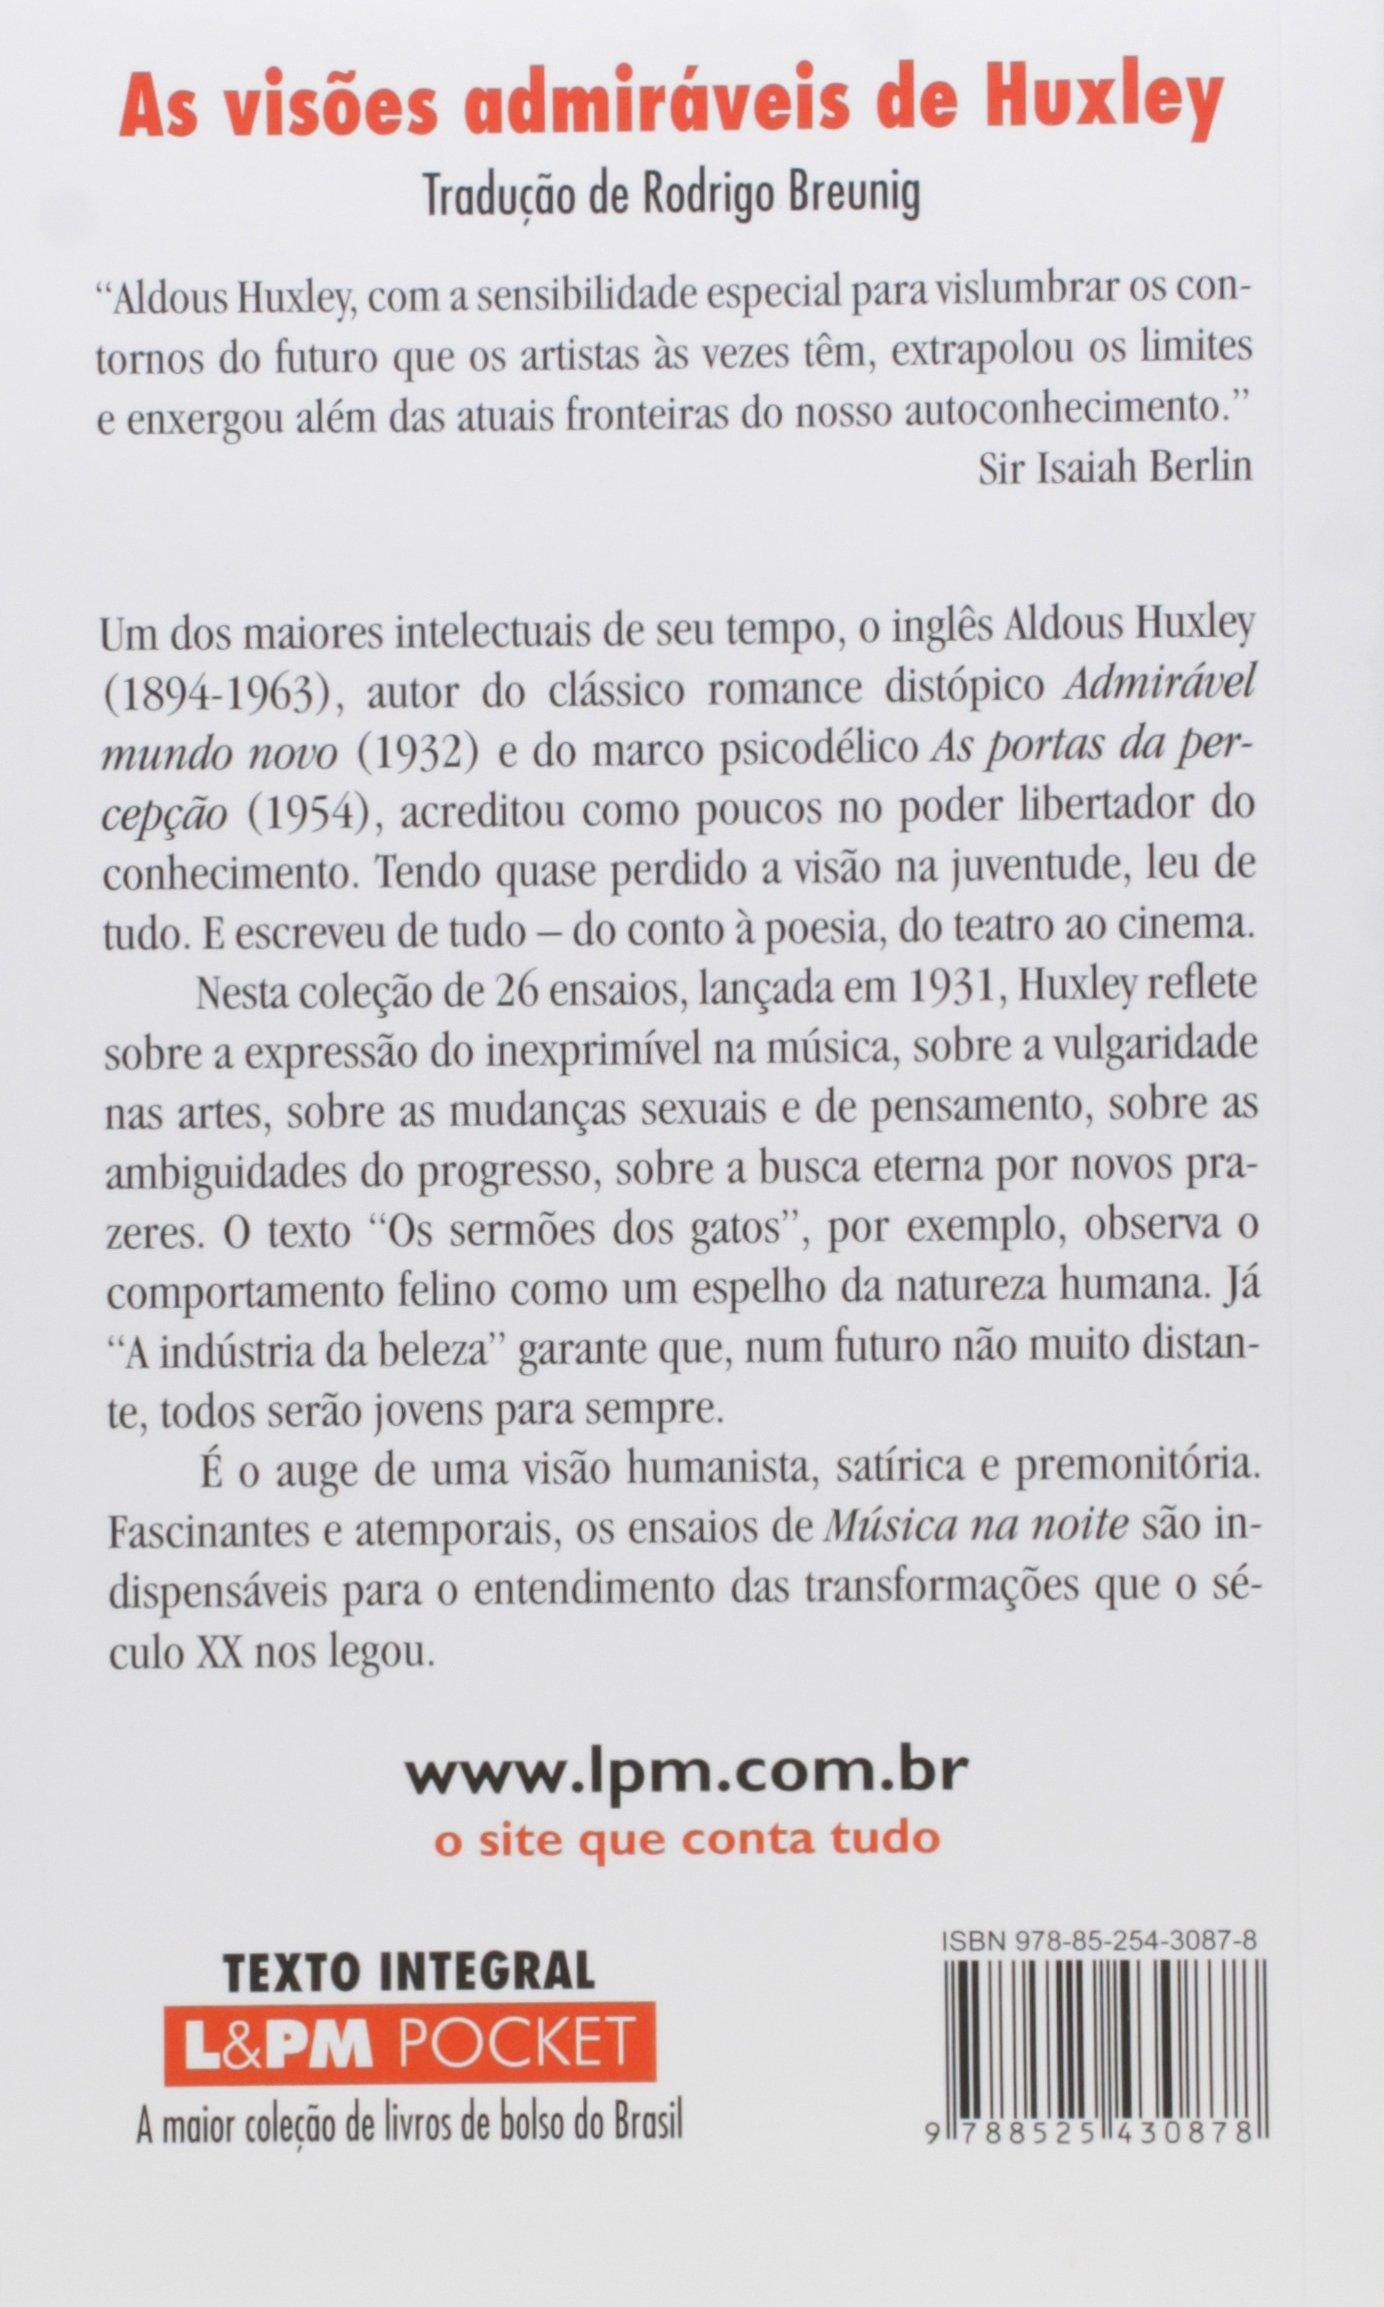 Musica na Noite e Outros Ensaios - Coleção L&PM Pocket (Em Portuguese do Brasil): Aldous Huxley: 9788525430878: Amazon.com: Books